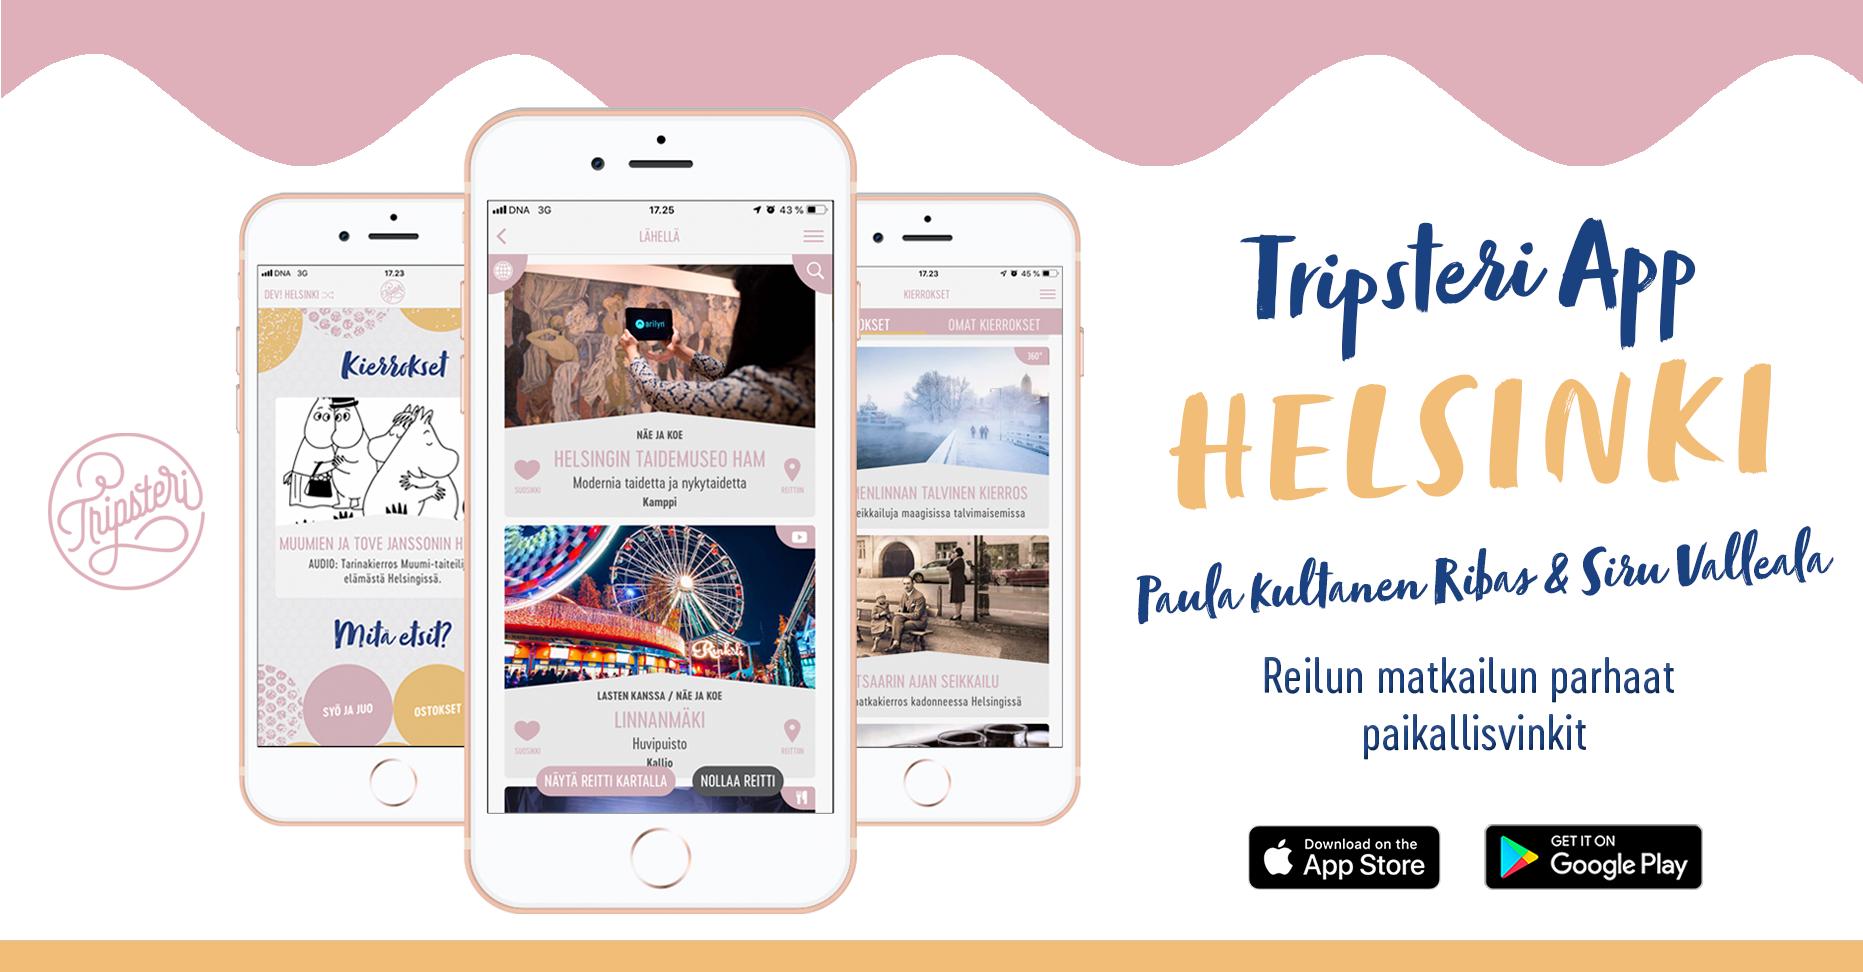 Tripsteri App Helsinki